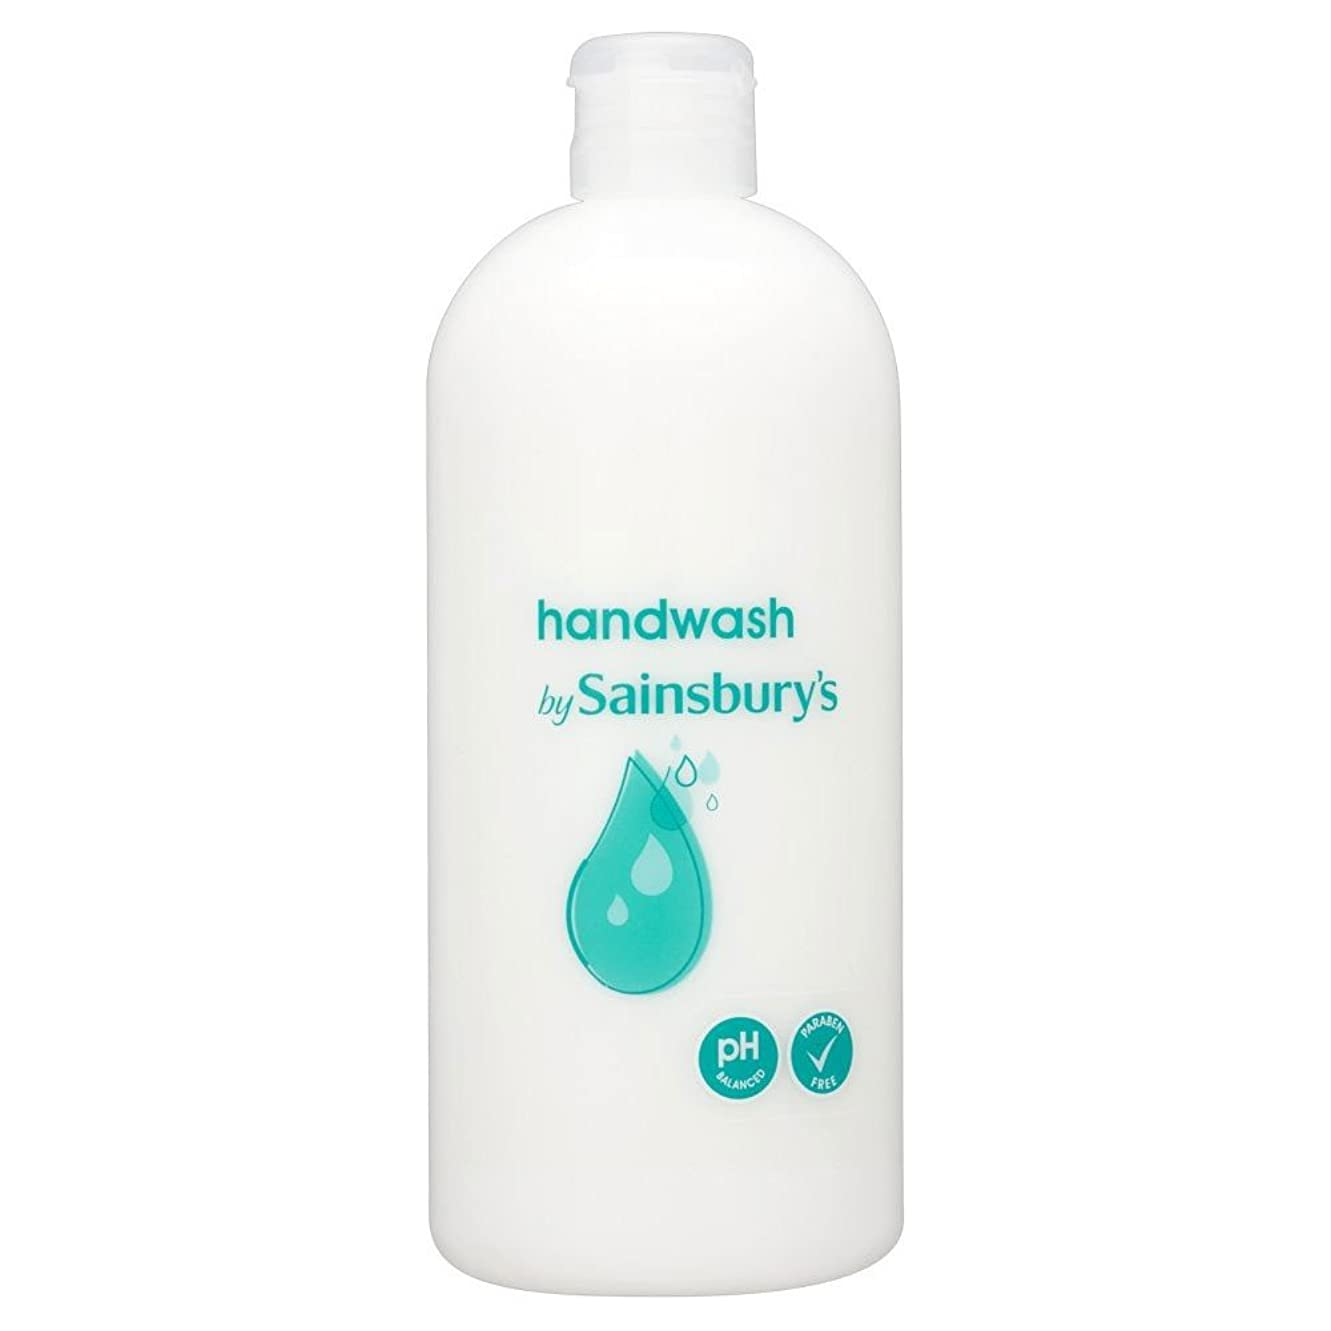 出撃者効果キャラバンSainsbury's Handwash, White Refill 500ml (Pack of 4) - (Sainsbury's) 手洗い、白リフィル500ミリリットル (x4) [並行輸入品]